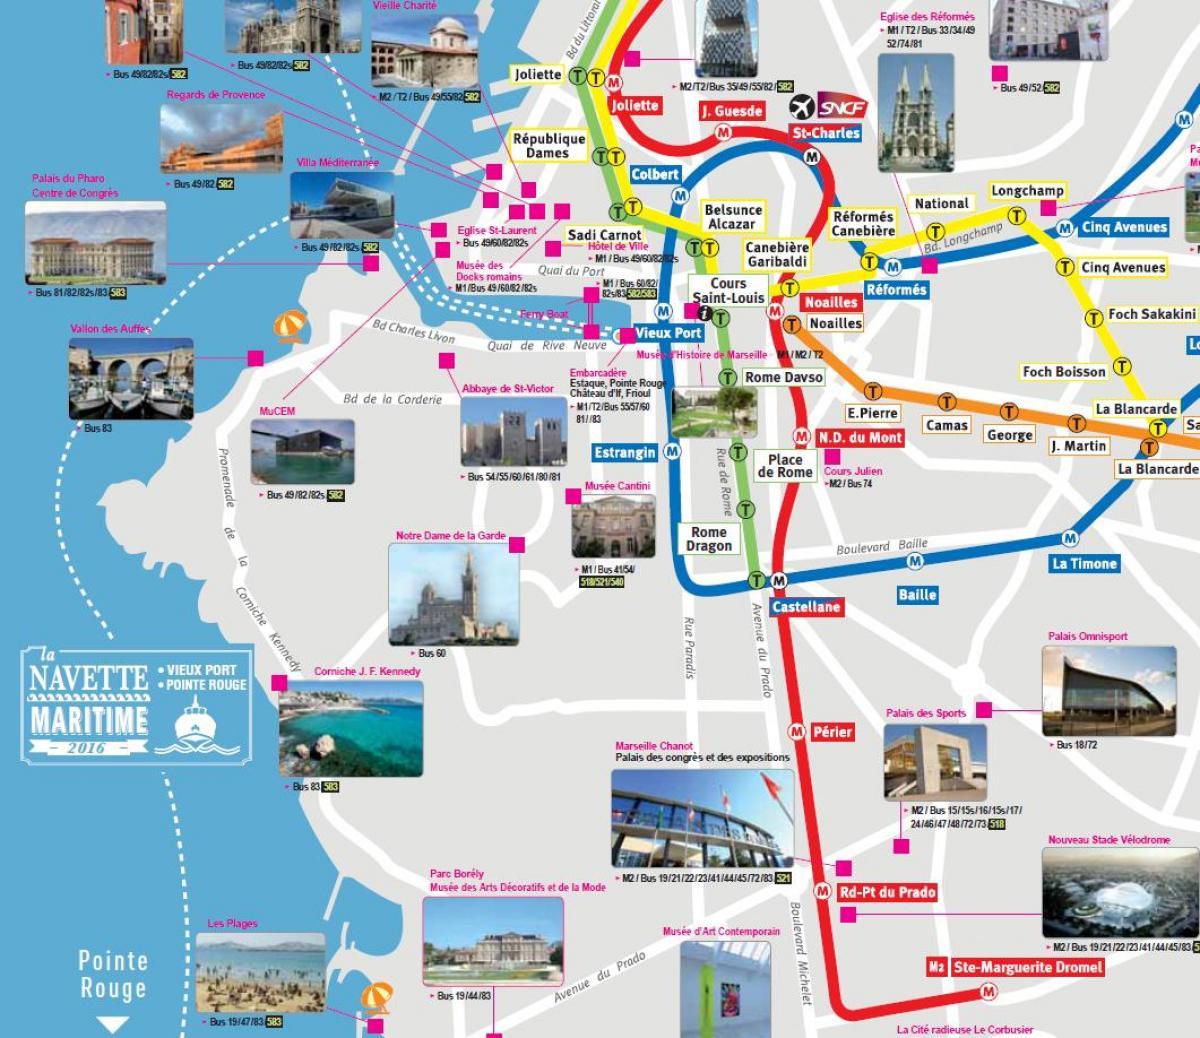 Marseille attractions touristiques de la carte - Marseille carte de visites (Provence-Alpes-Côte d Azur - France)